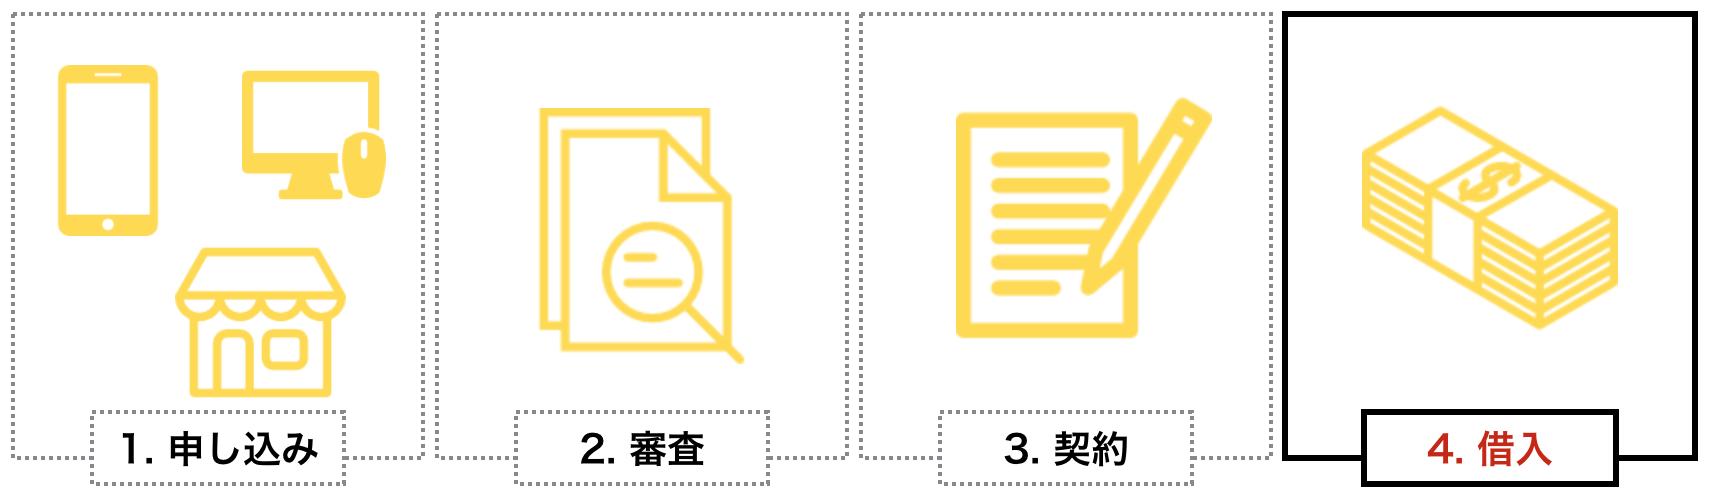 消費者金融の審査に通過するための4つのステップ